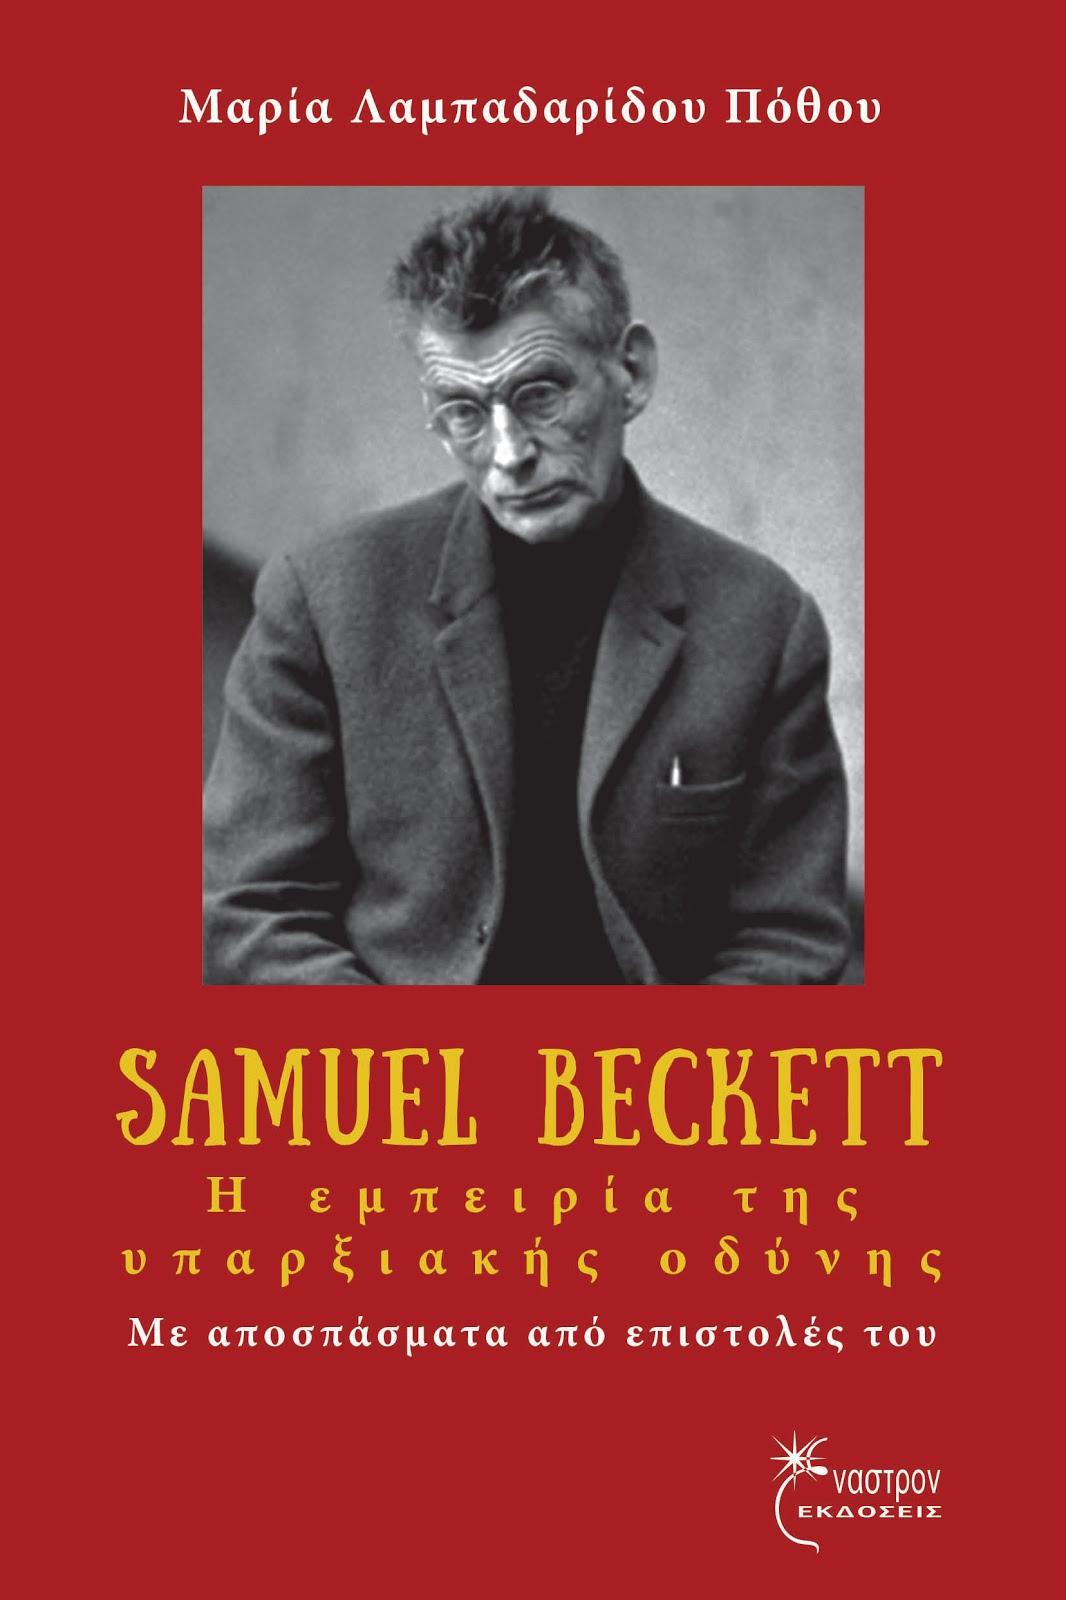 SAMUEL BECKETT - Η εμπειρία της υπαρξιακής οδύνης